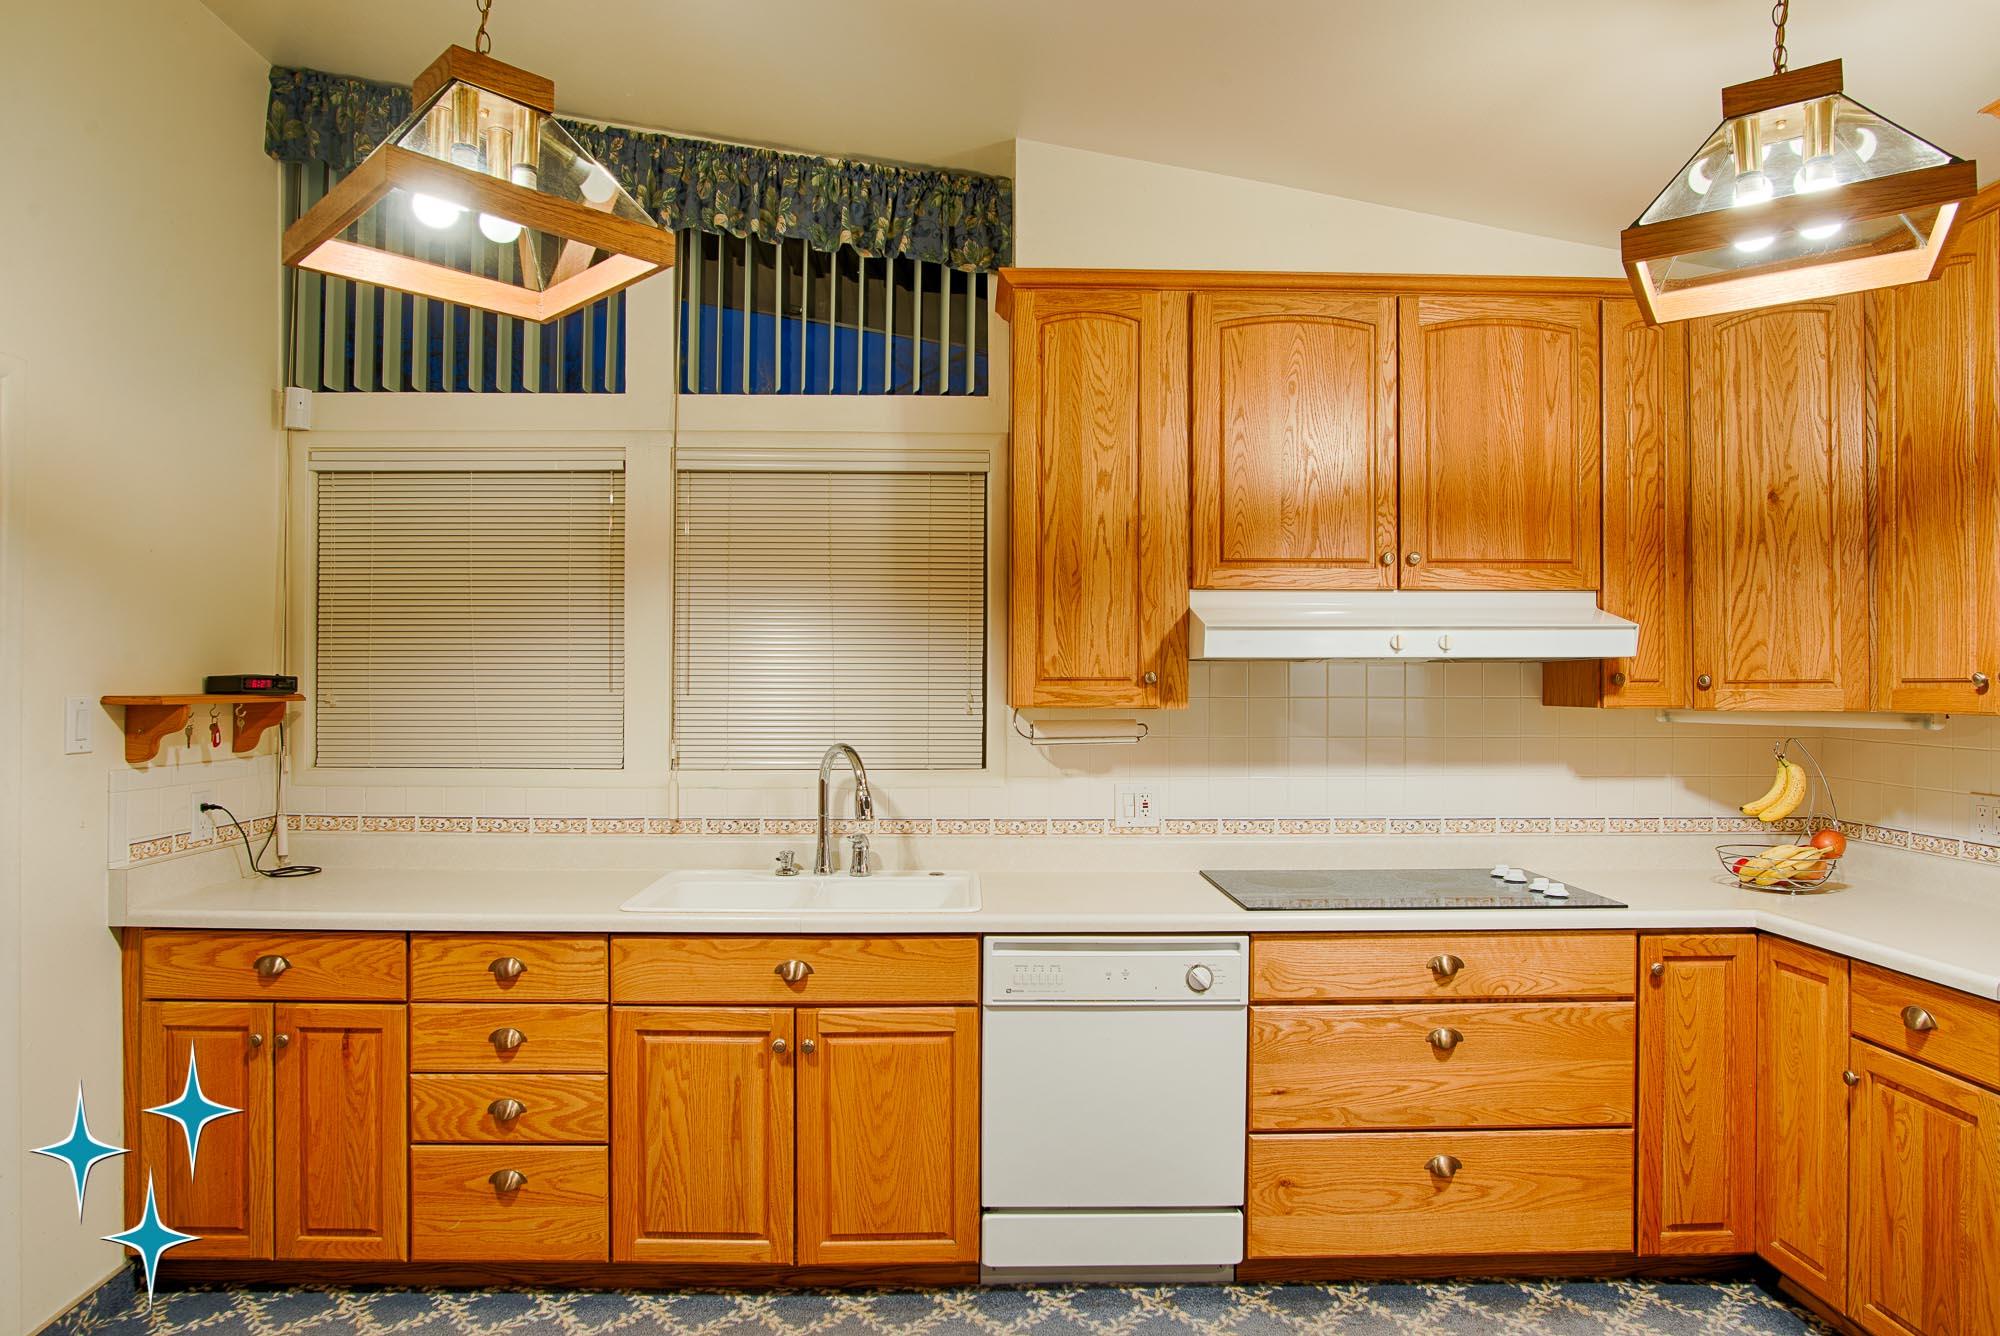 Adrian-Kinney-4155-W-Iliff-Avenue-Denver-r-Carey-Holiday-Home-2000w50-3SWM-15.jpg